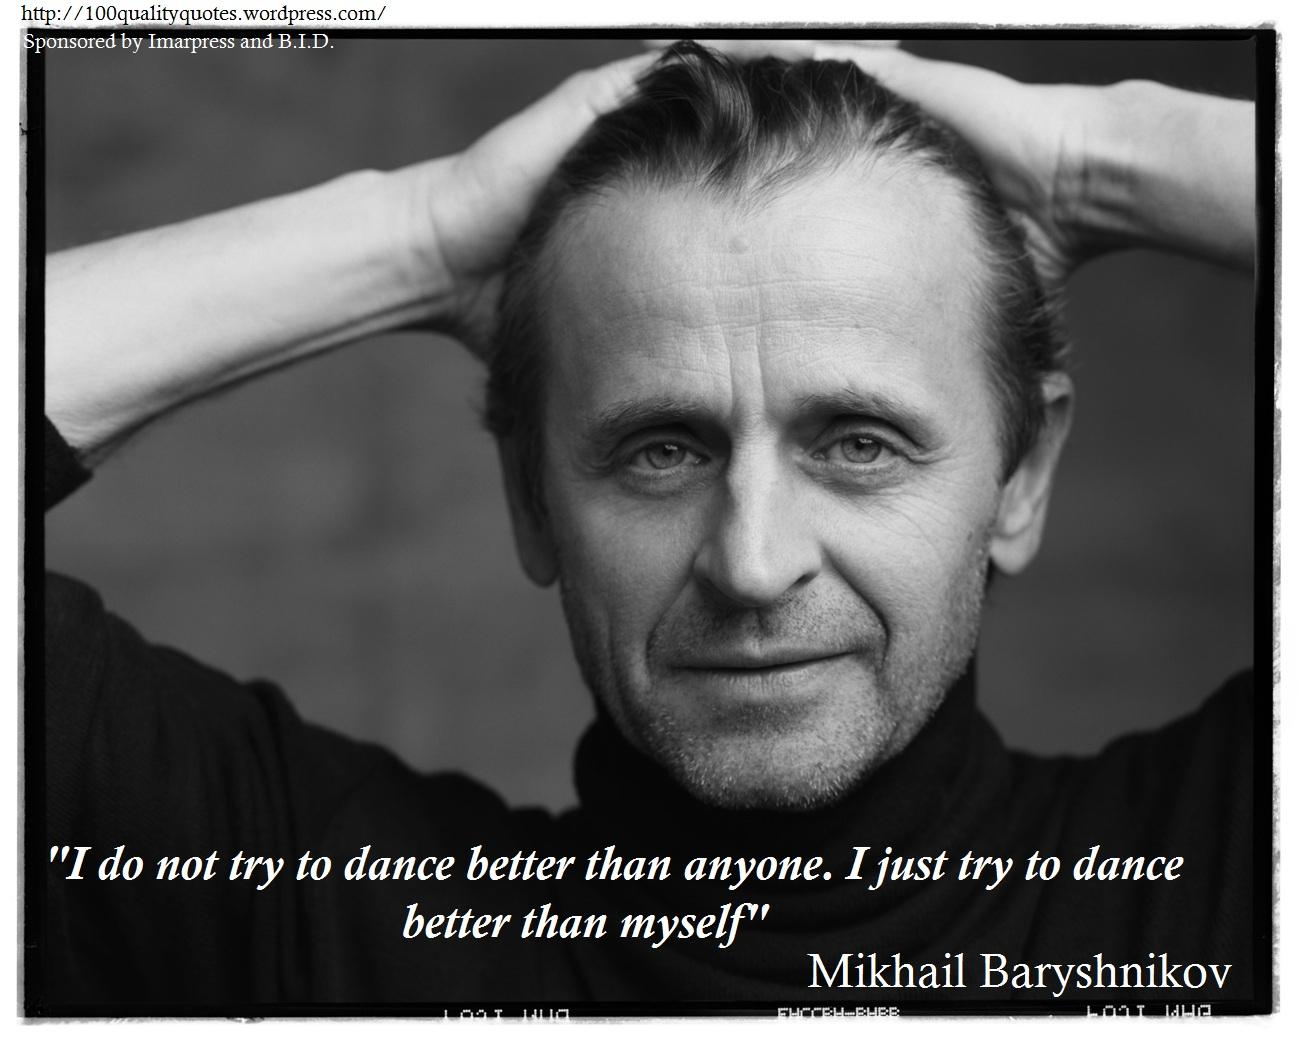 Mikhail Baryshnikov's quote #3